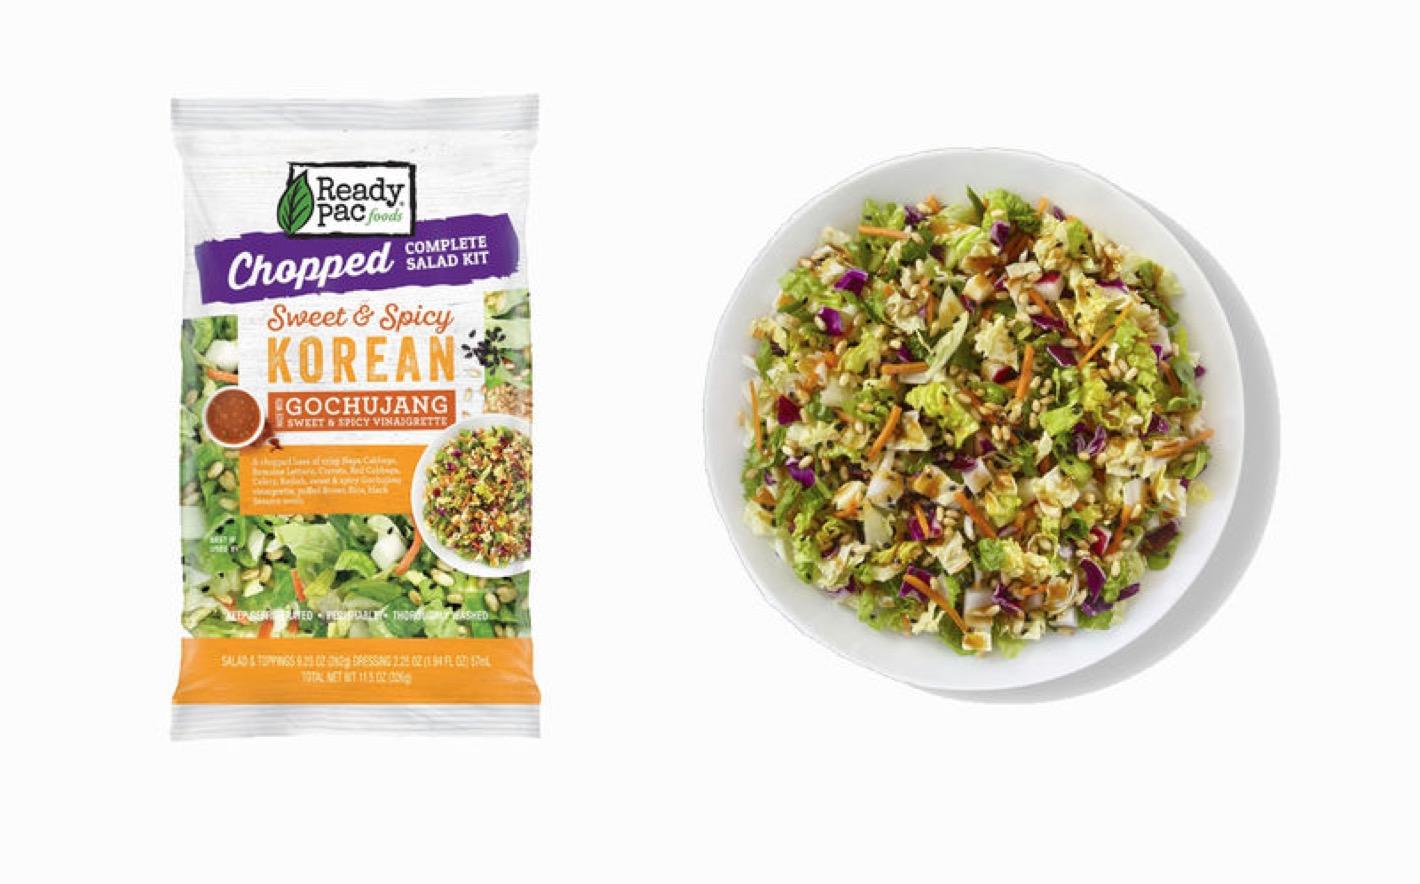 Sans titre 3 - Des salades ethniques et fraiches